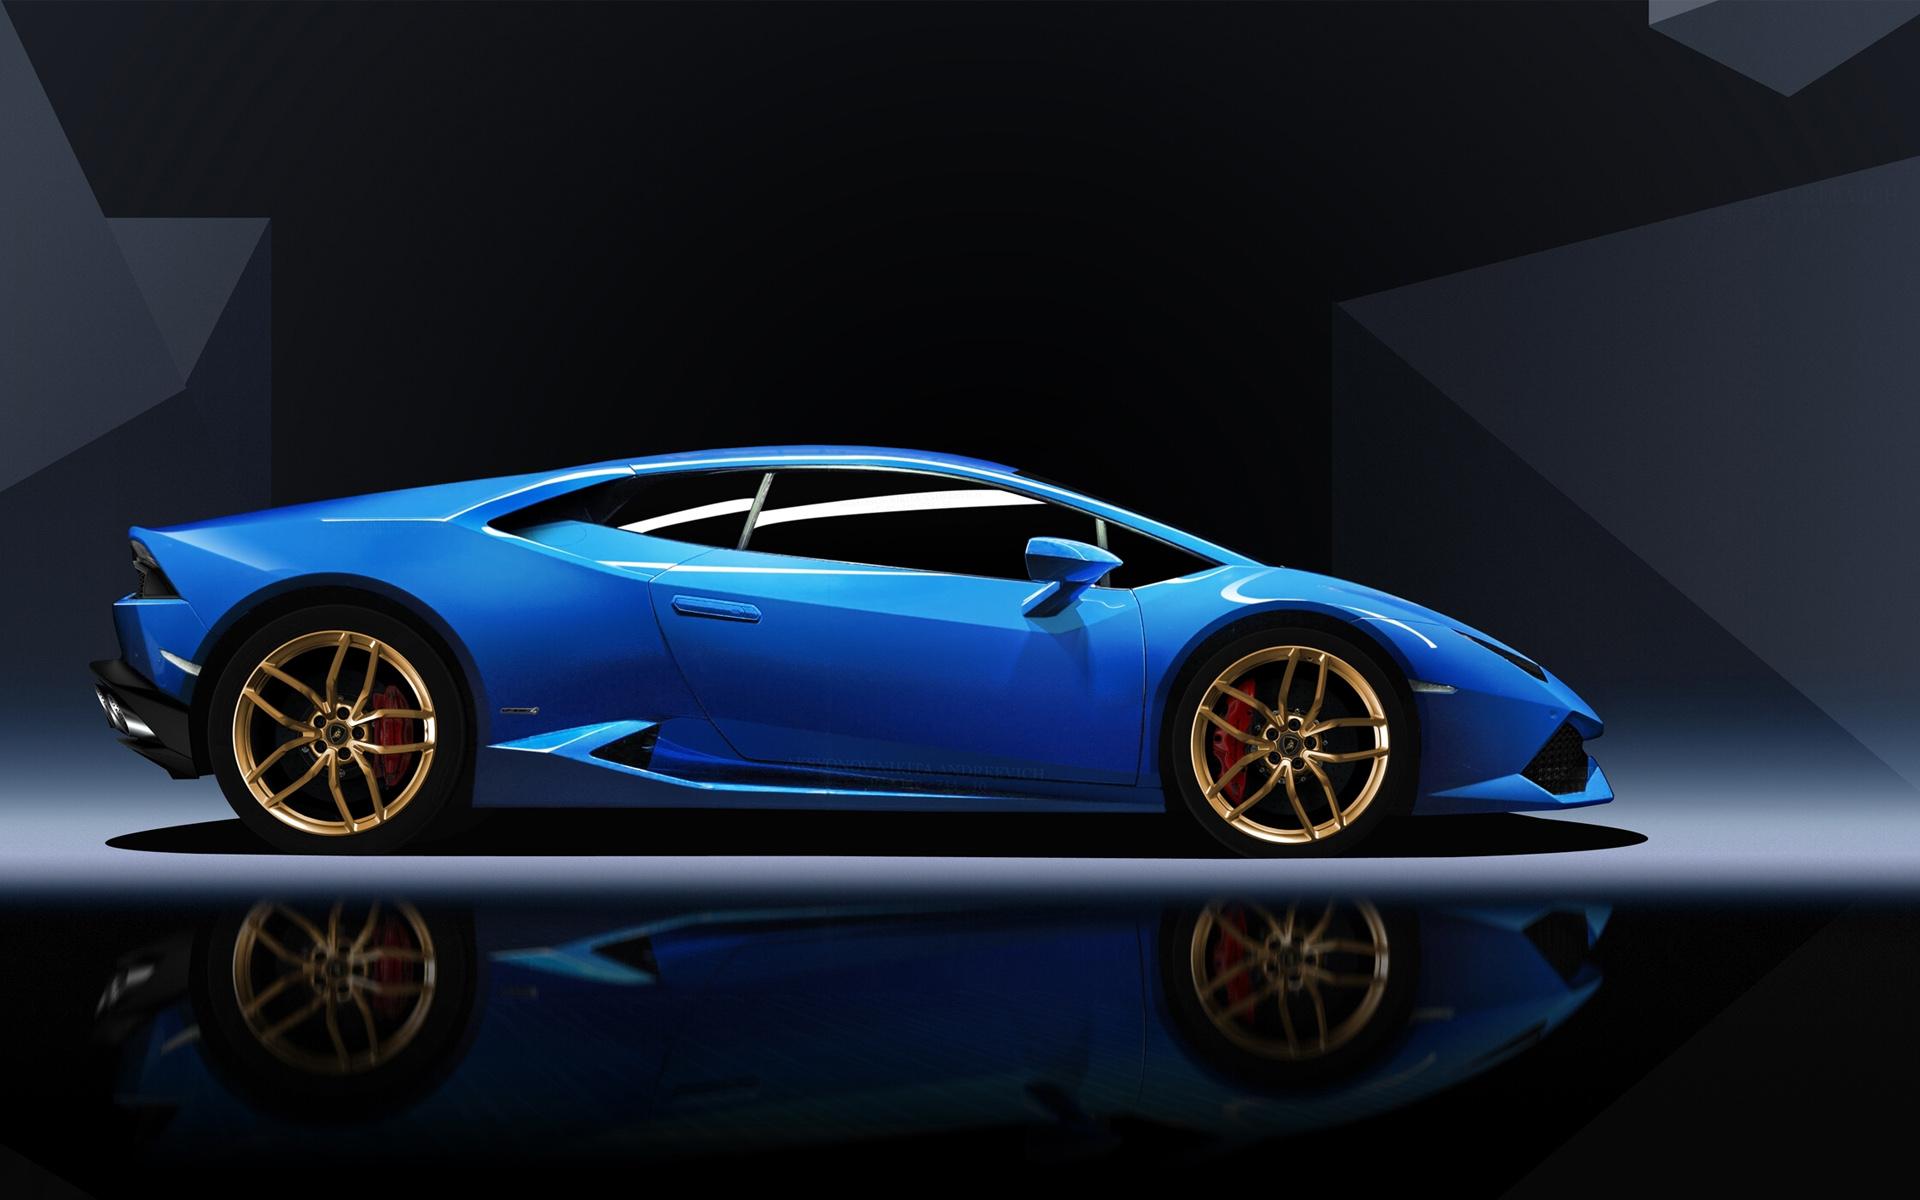 Blue Lamborghini Huracan Wallpaper Hd Car Wallpapers Id 5761